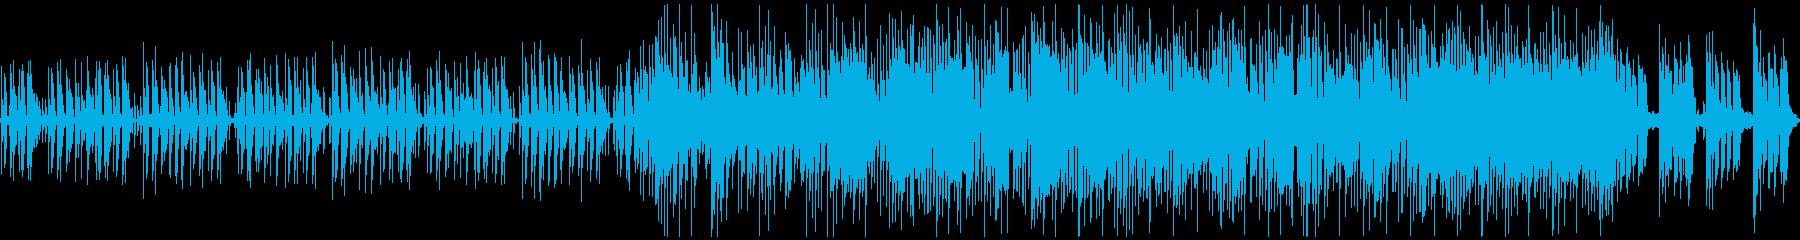 ほのぼの脱力系BGM・日常動画などの再生済みの波形